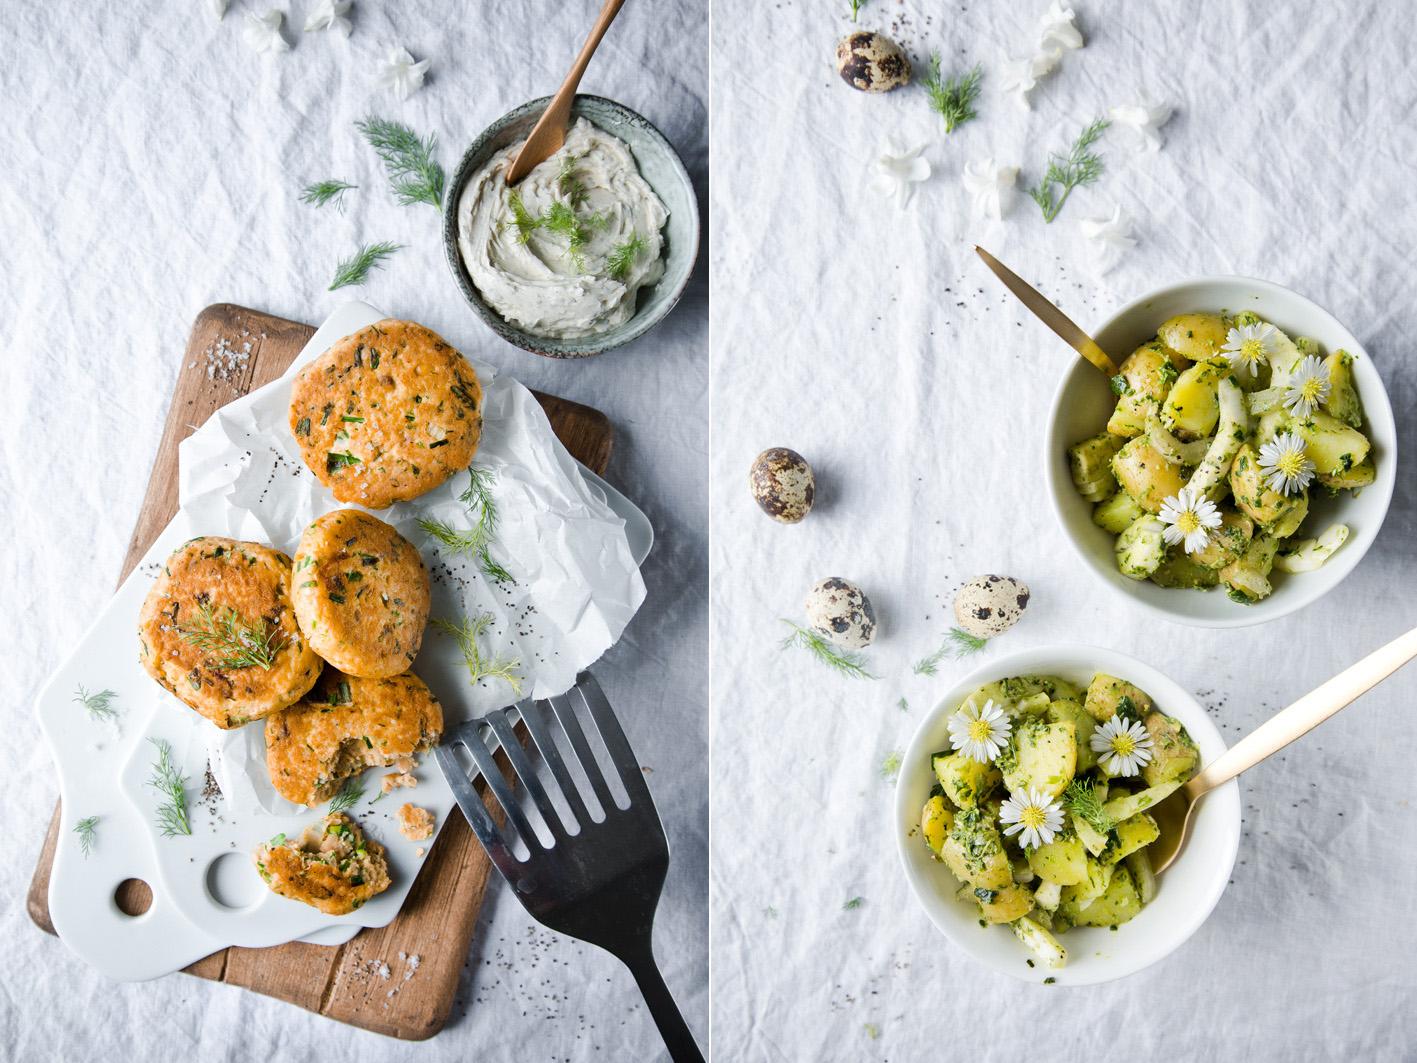 Lachsfrikadellen mit Kartoffelsalat